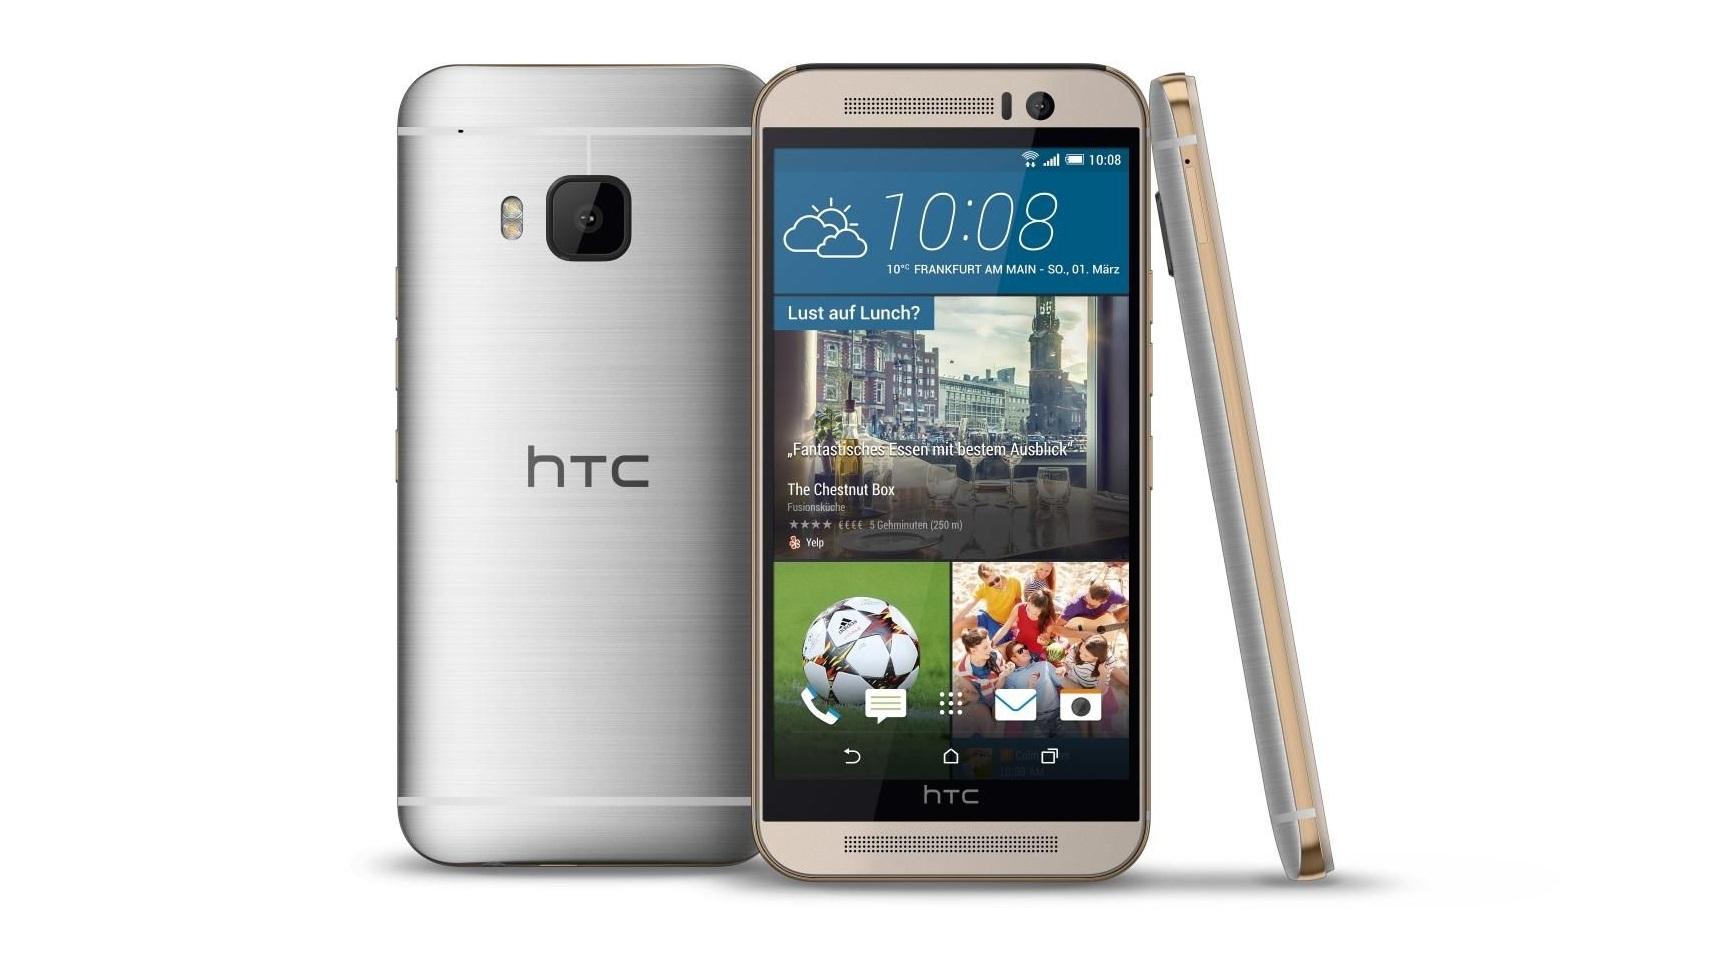 HTC One M9 - prata e dourado